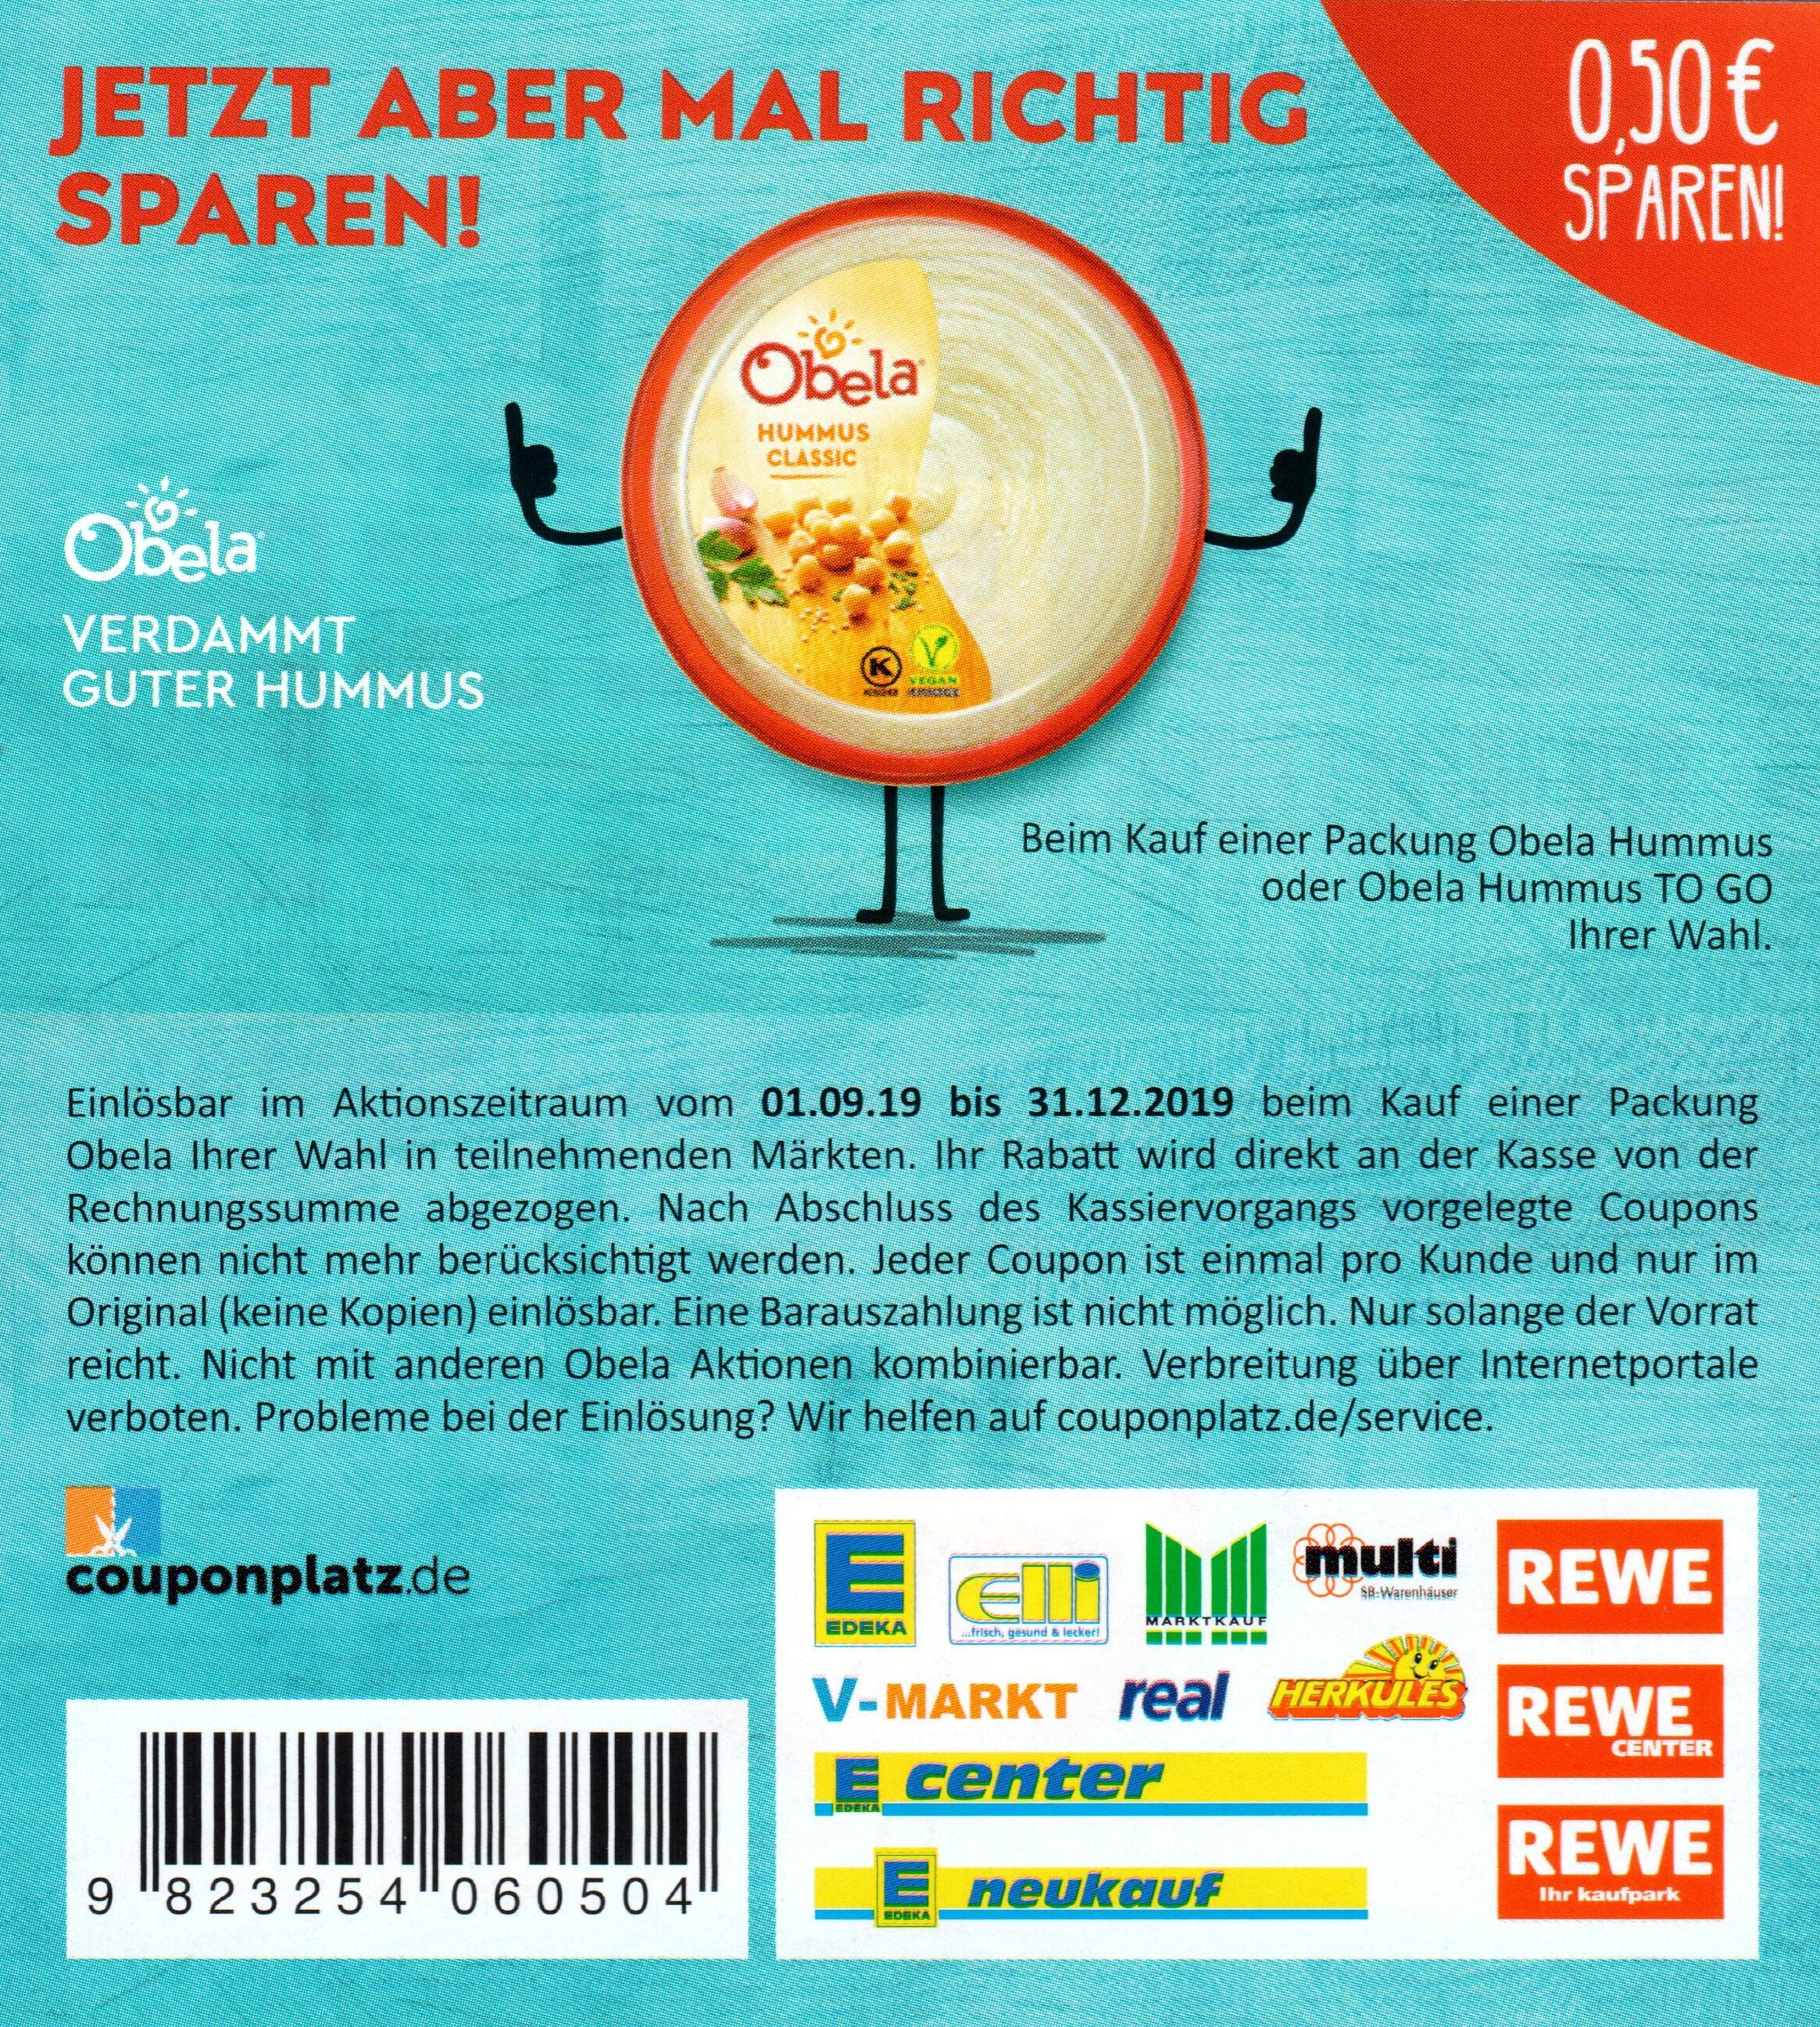 0,50€ Rabatt Coupon für den Kauf von Obela Hummus bis 31.12.2019